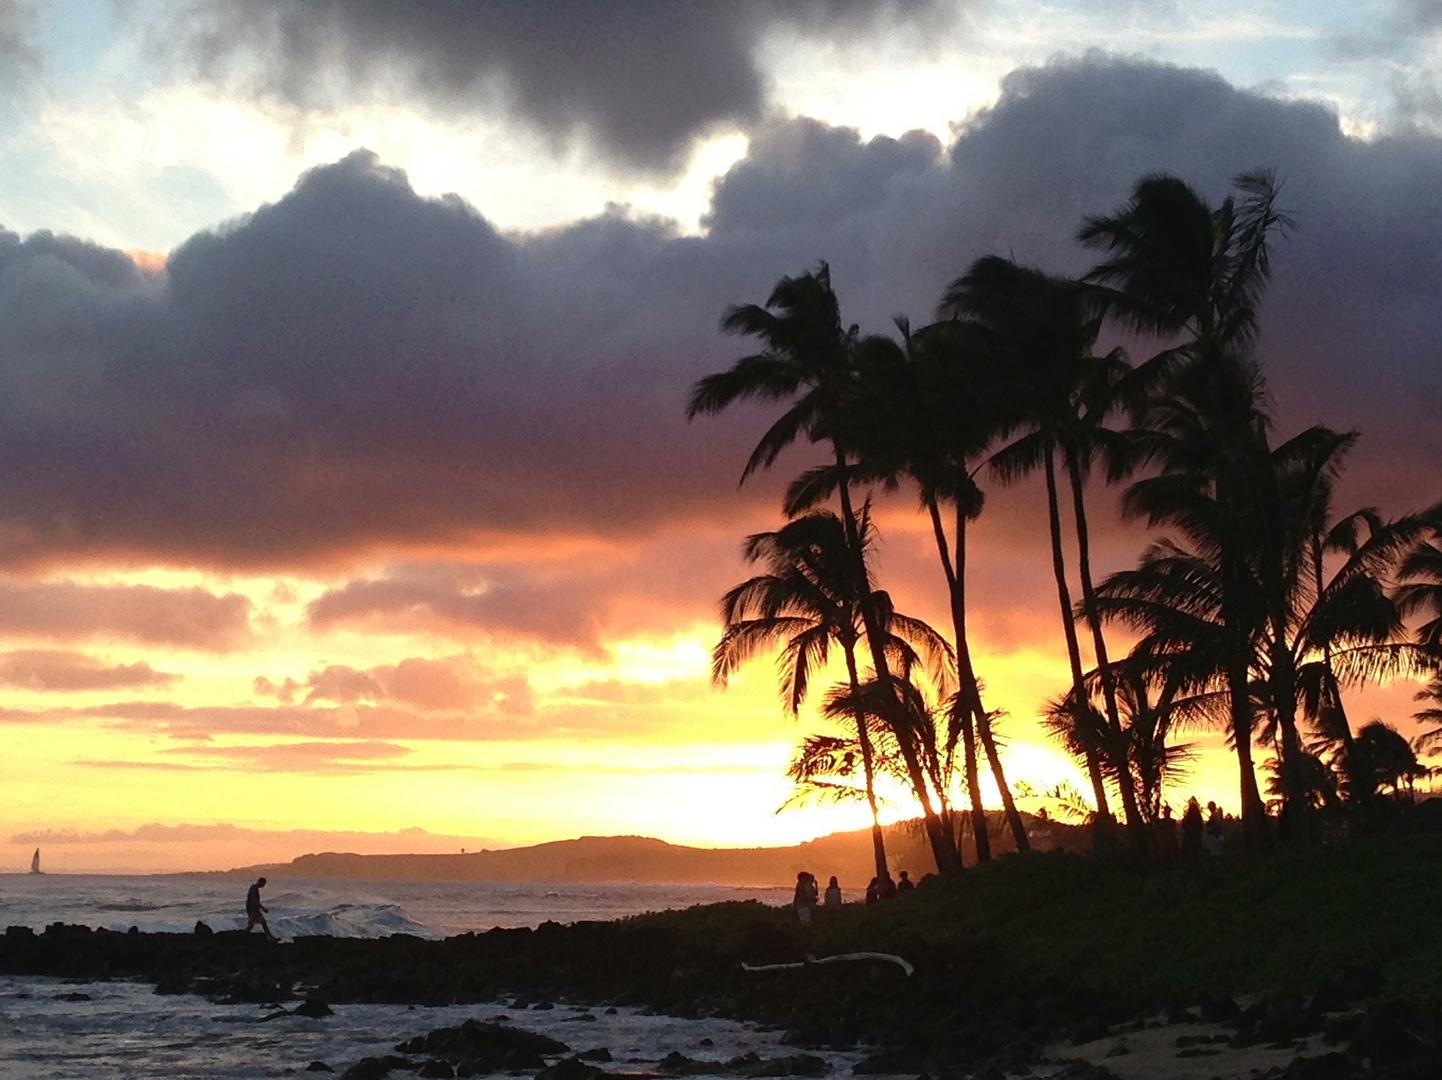 Same sunset as every night